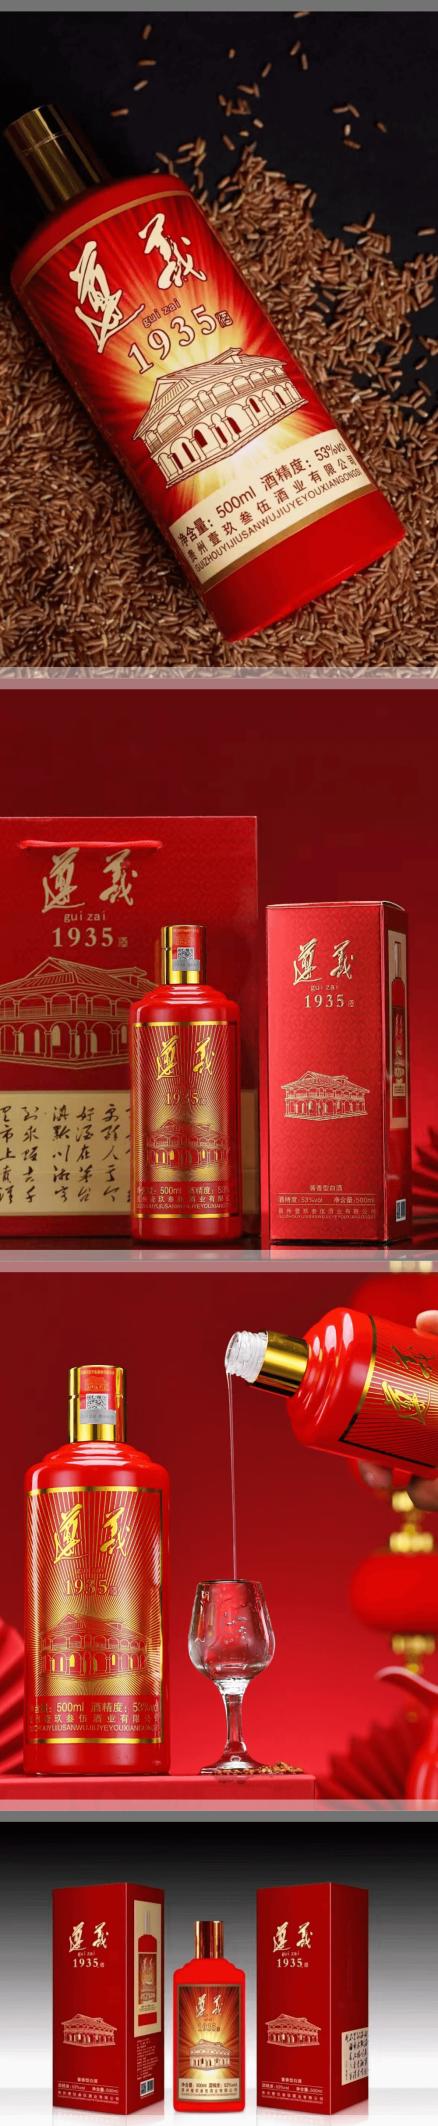 遵义guizai1935酱香酒新闻发布会暨招商会圆满成功